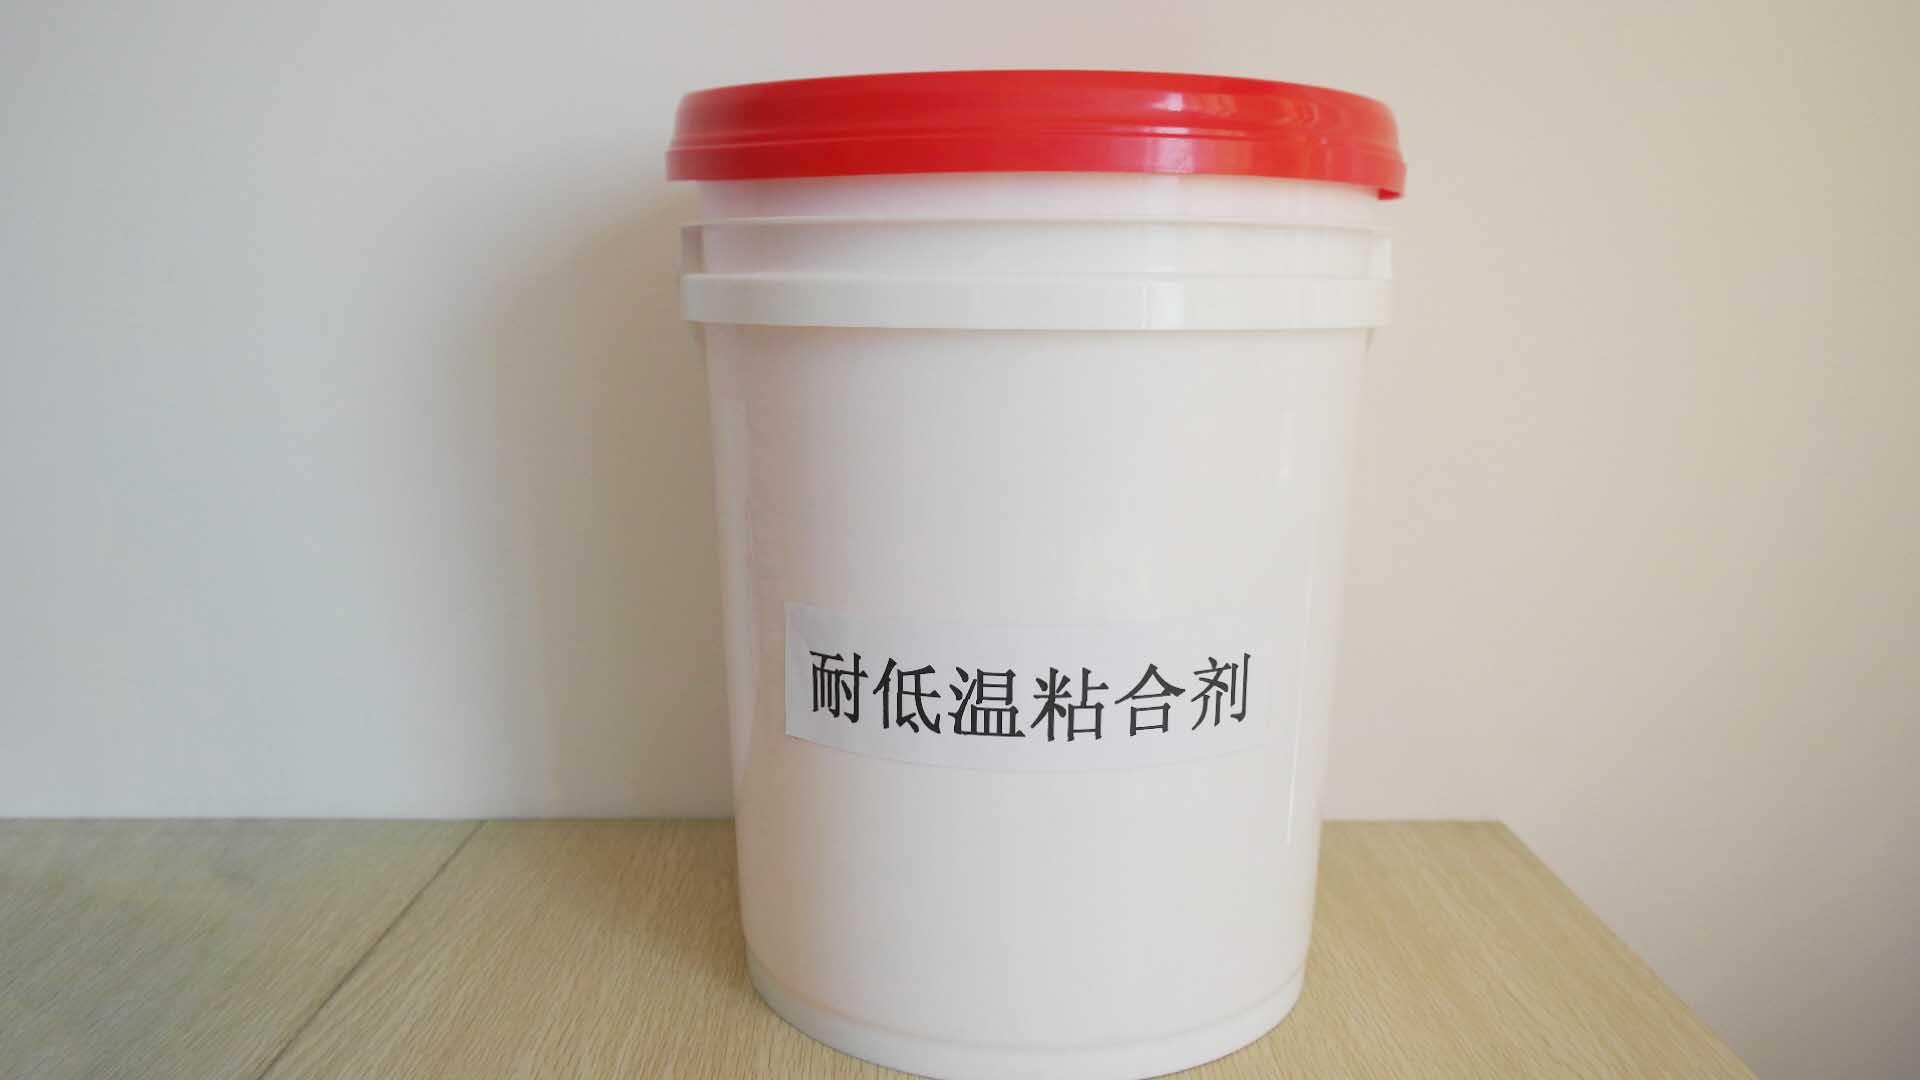 粘合剂费用-厂家推荐安全的粘合剂